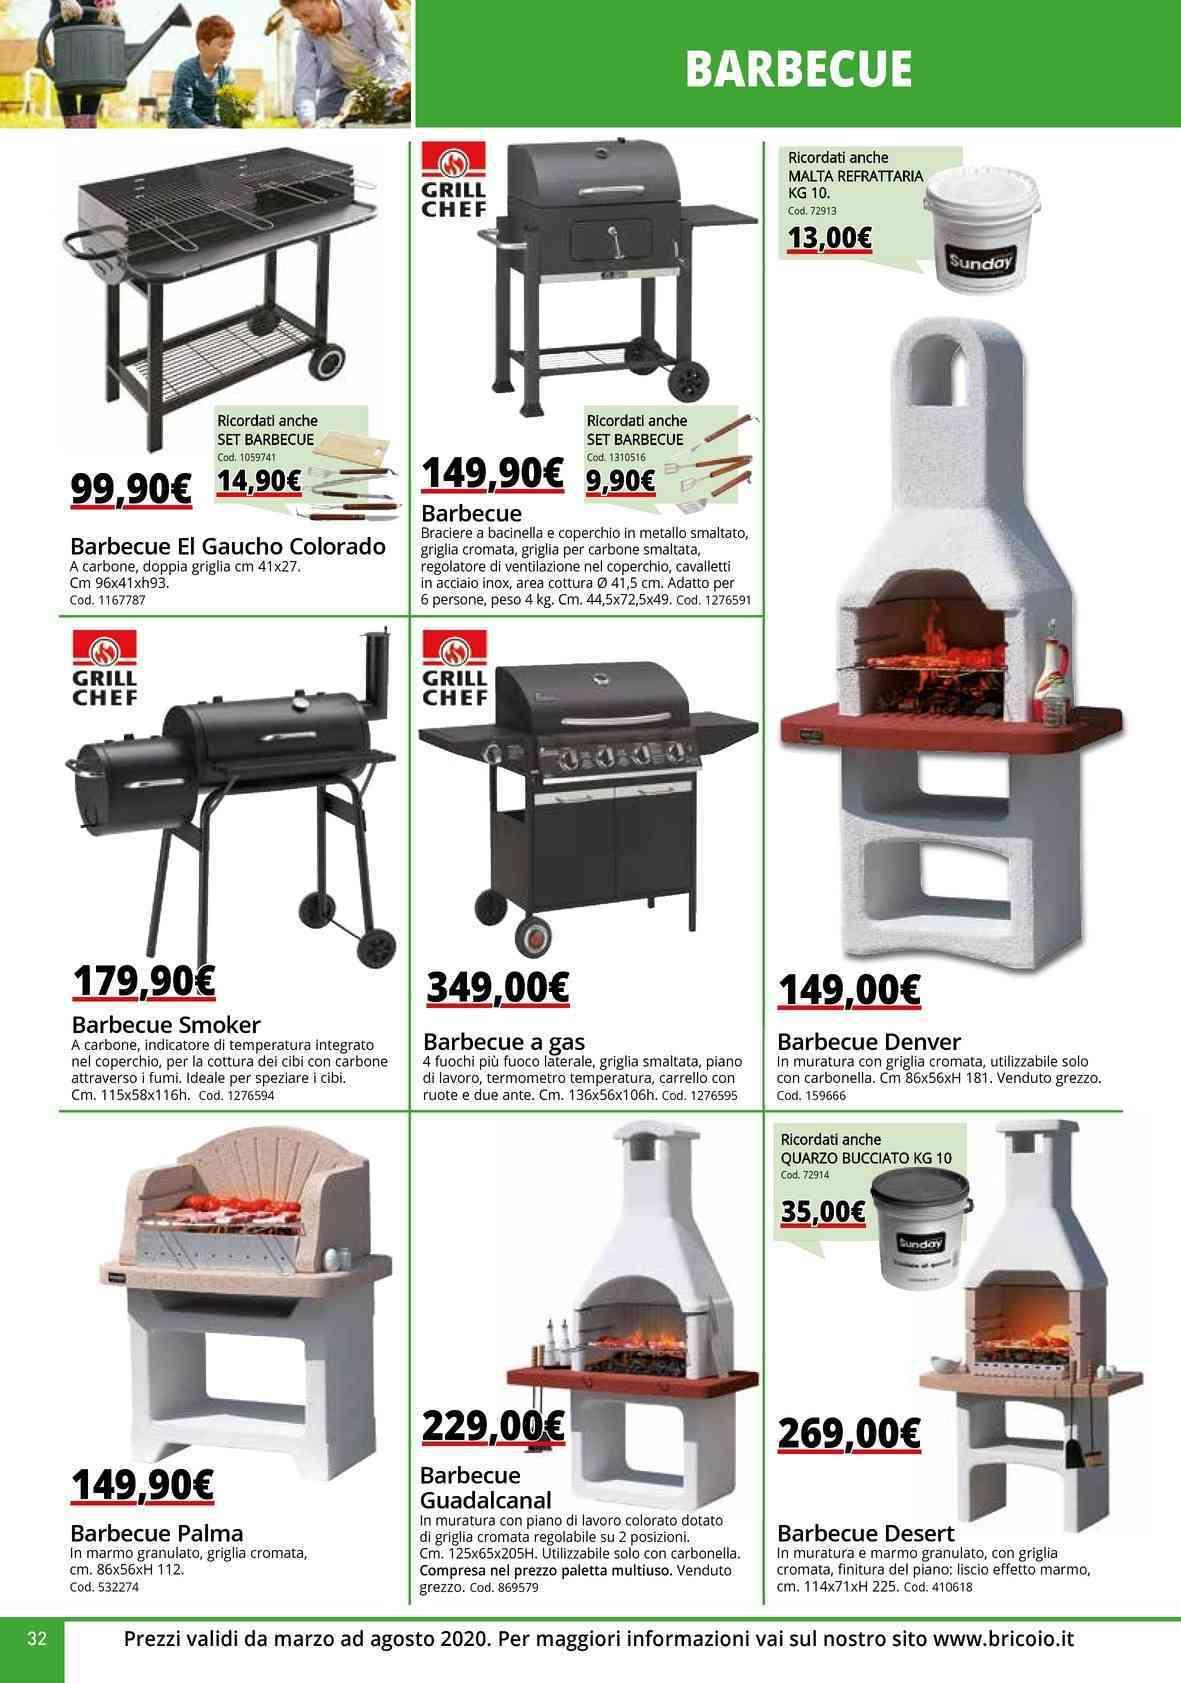 Barbecue In Muratura Immagini offerte barbecue in muratura, prezzo negozio vicino